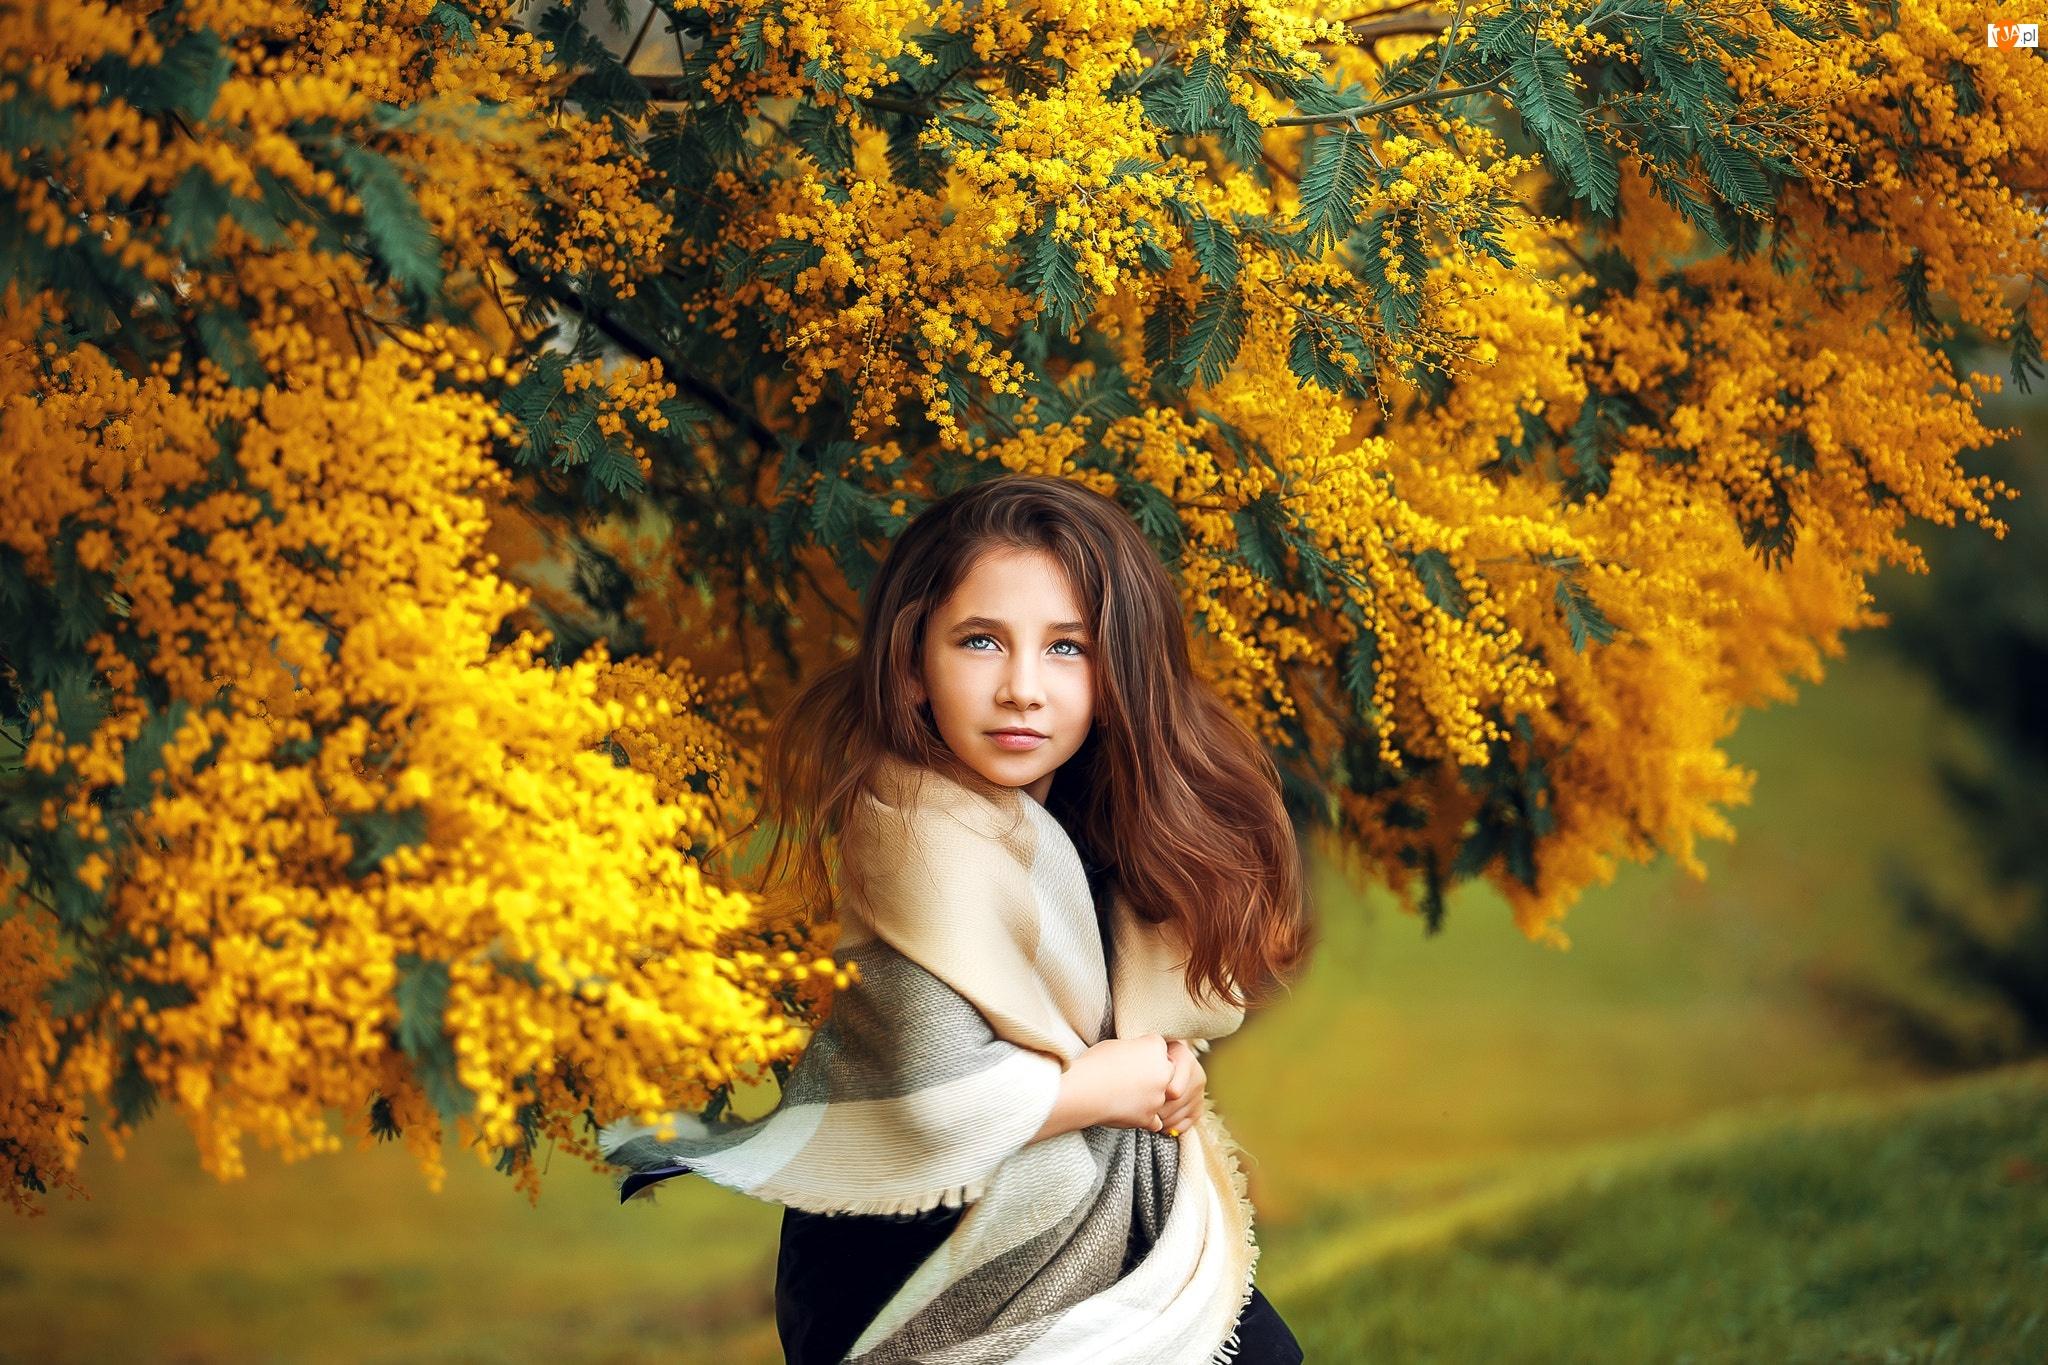 Szal, Dziewczynka, Drzewo, Akacja srebrzysta